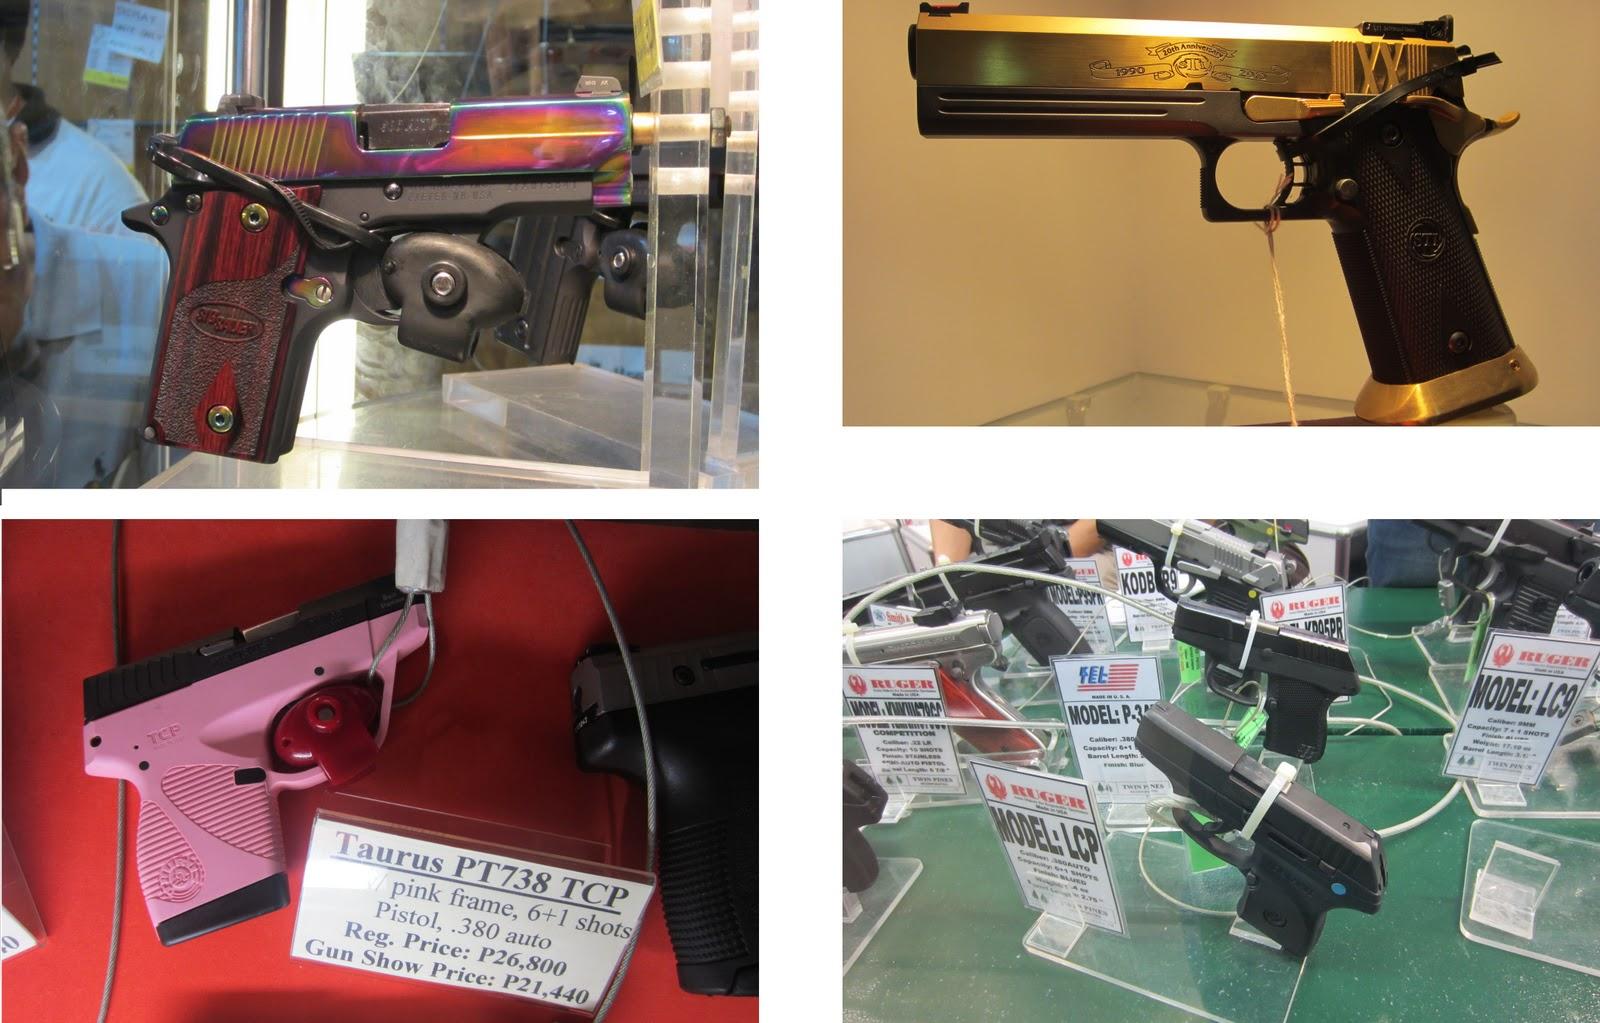 http://1.bp.blogspot.com/-4Zzd6zUir10/TtB5VroHorI/AAAAAAAAAYo/F7f8JkbJ9t0/s1600/gun+show+2011+2.jpg